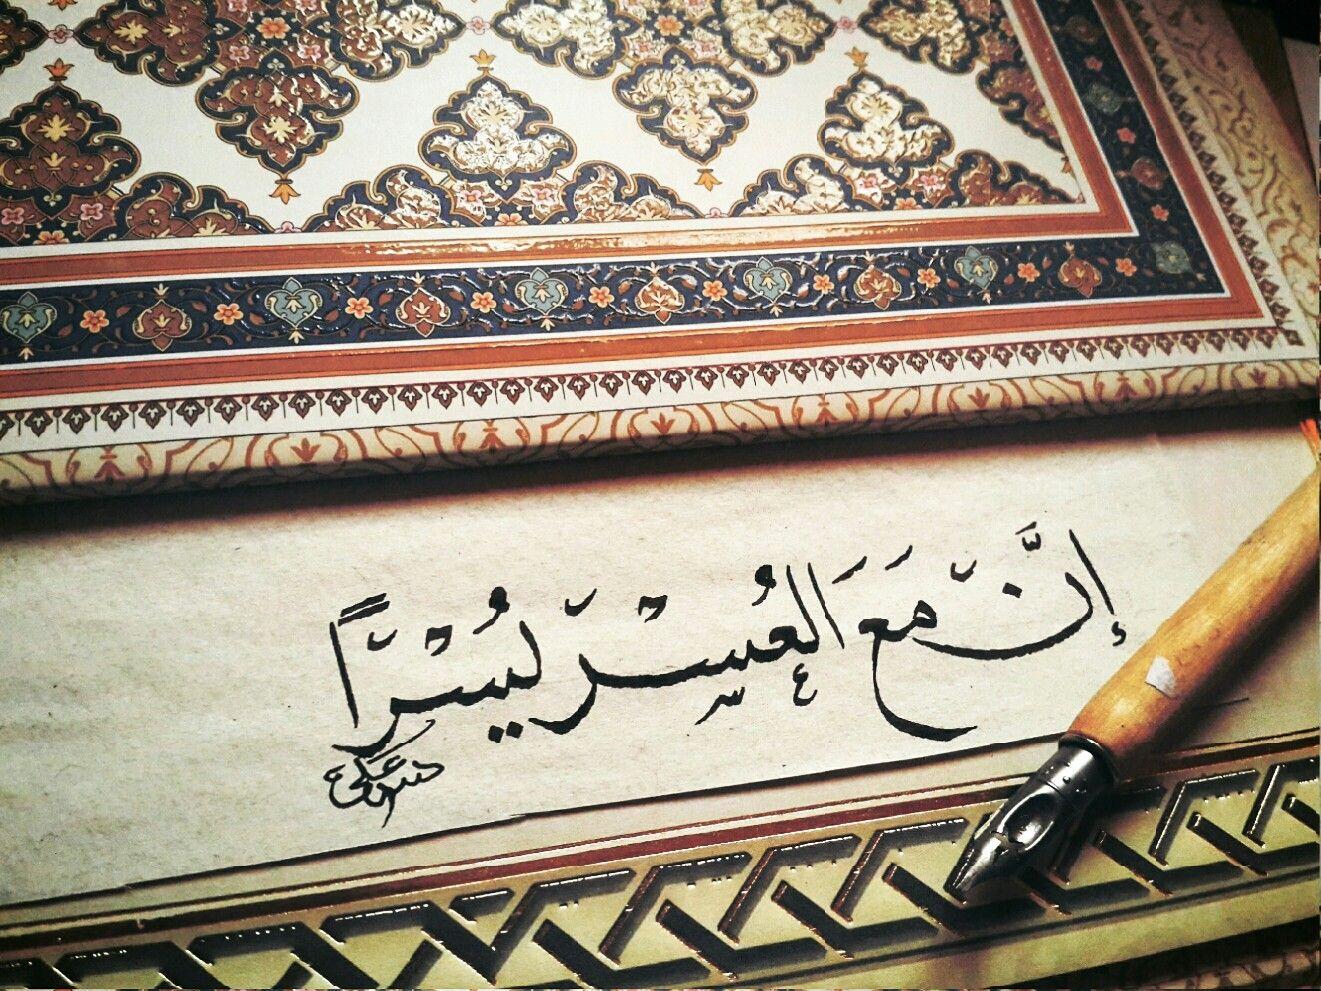 ان مع العسر يسرا خطي Islamic Calligraphy Islamic Art Calligraphy Calligraphy Artwork